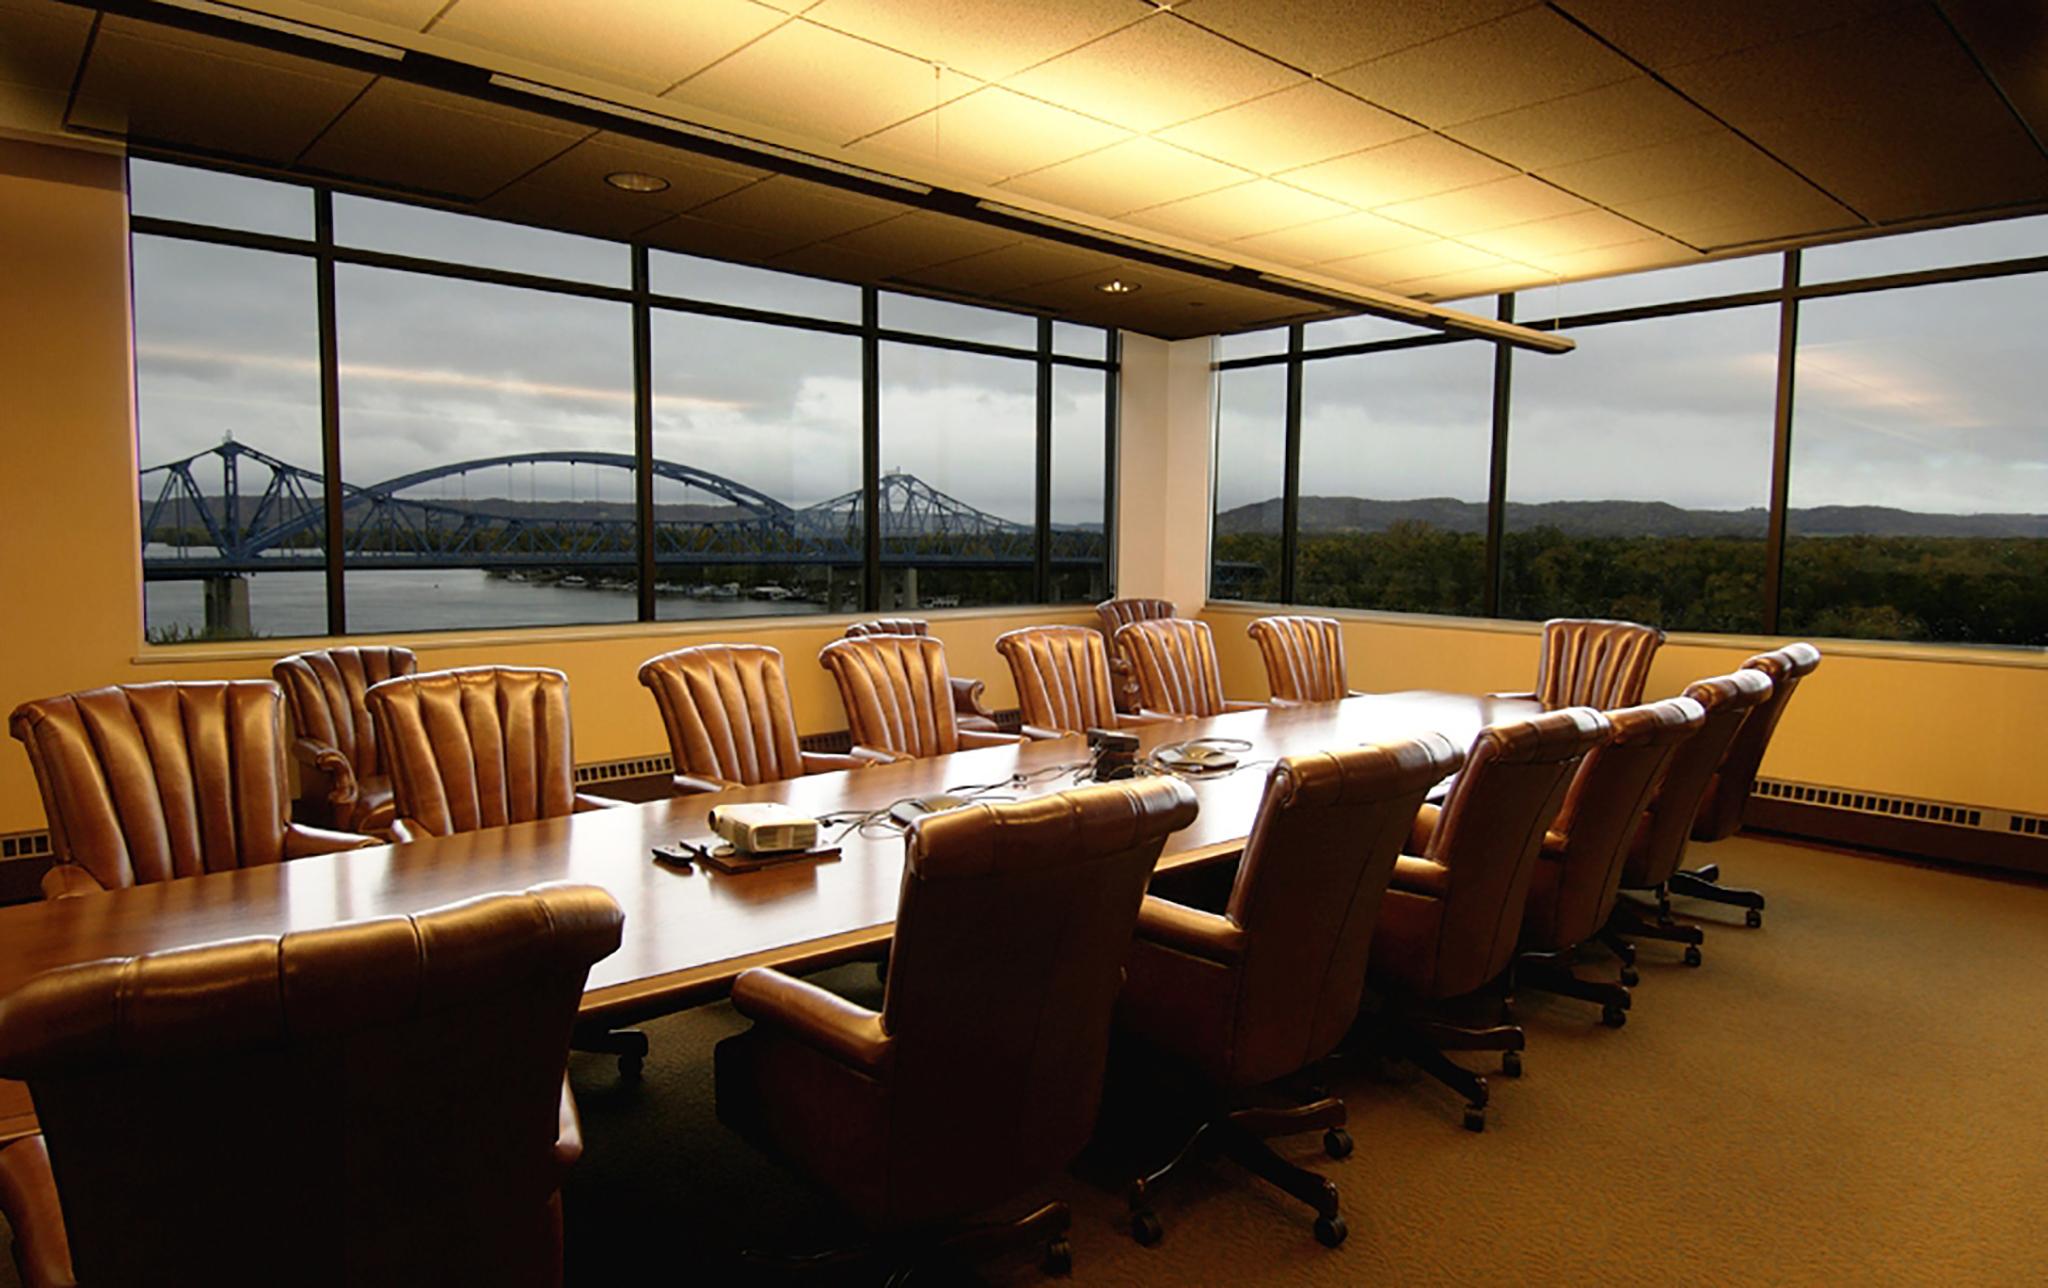 17_Riverside-Center-Office-Complex